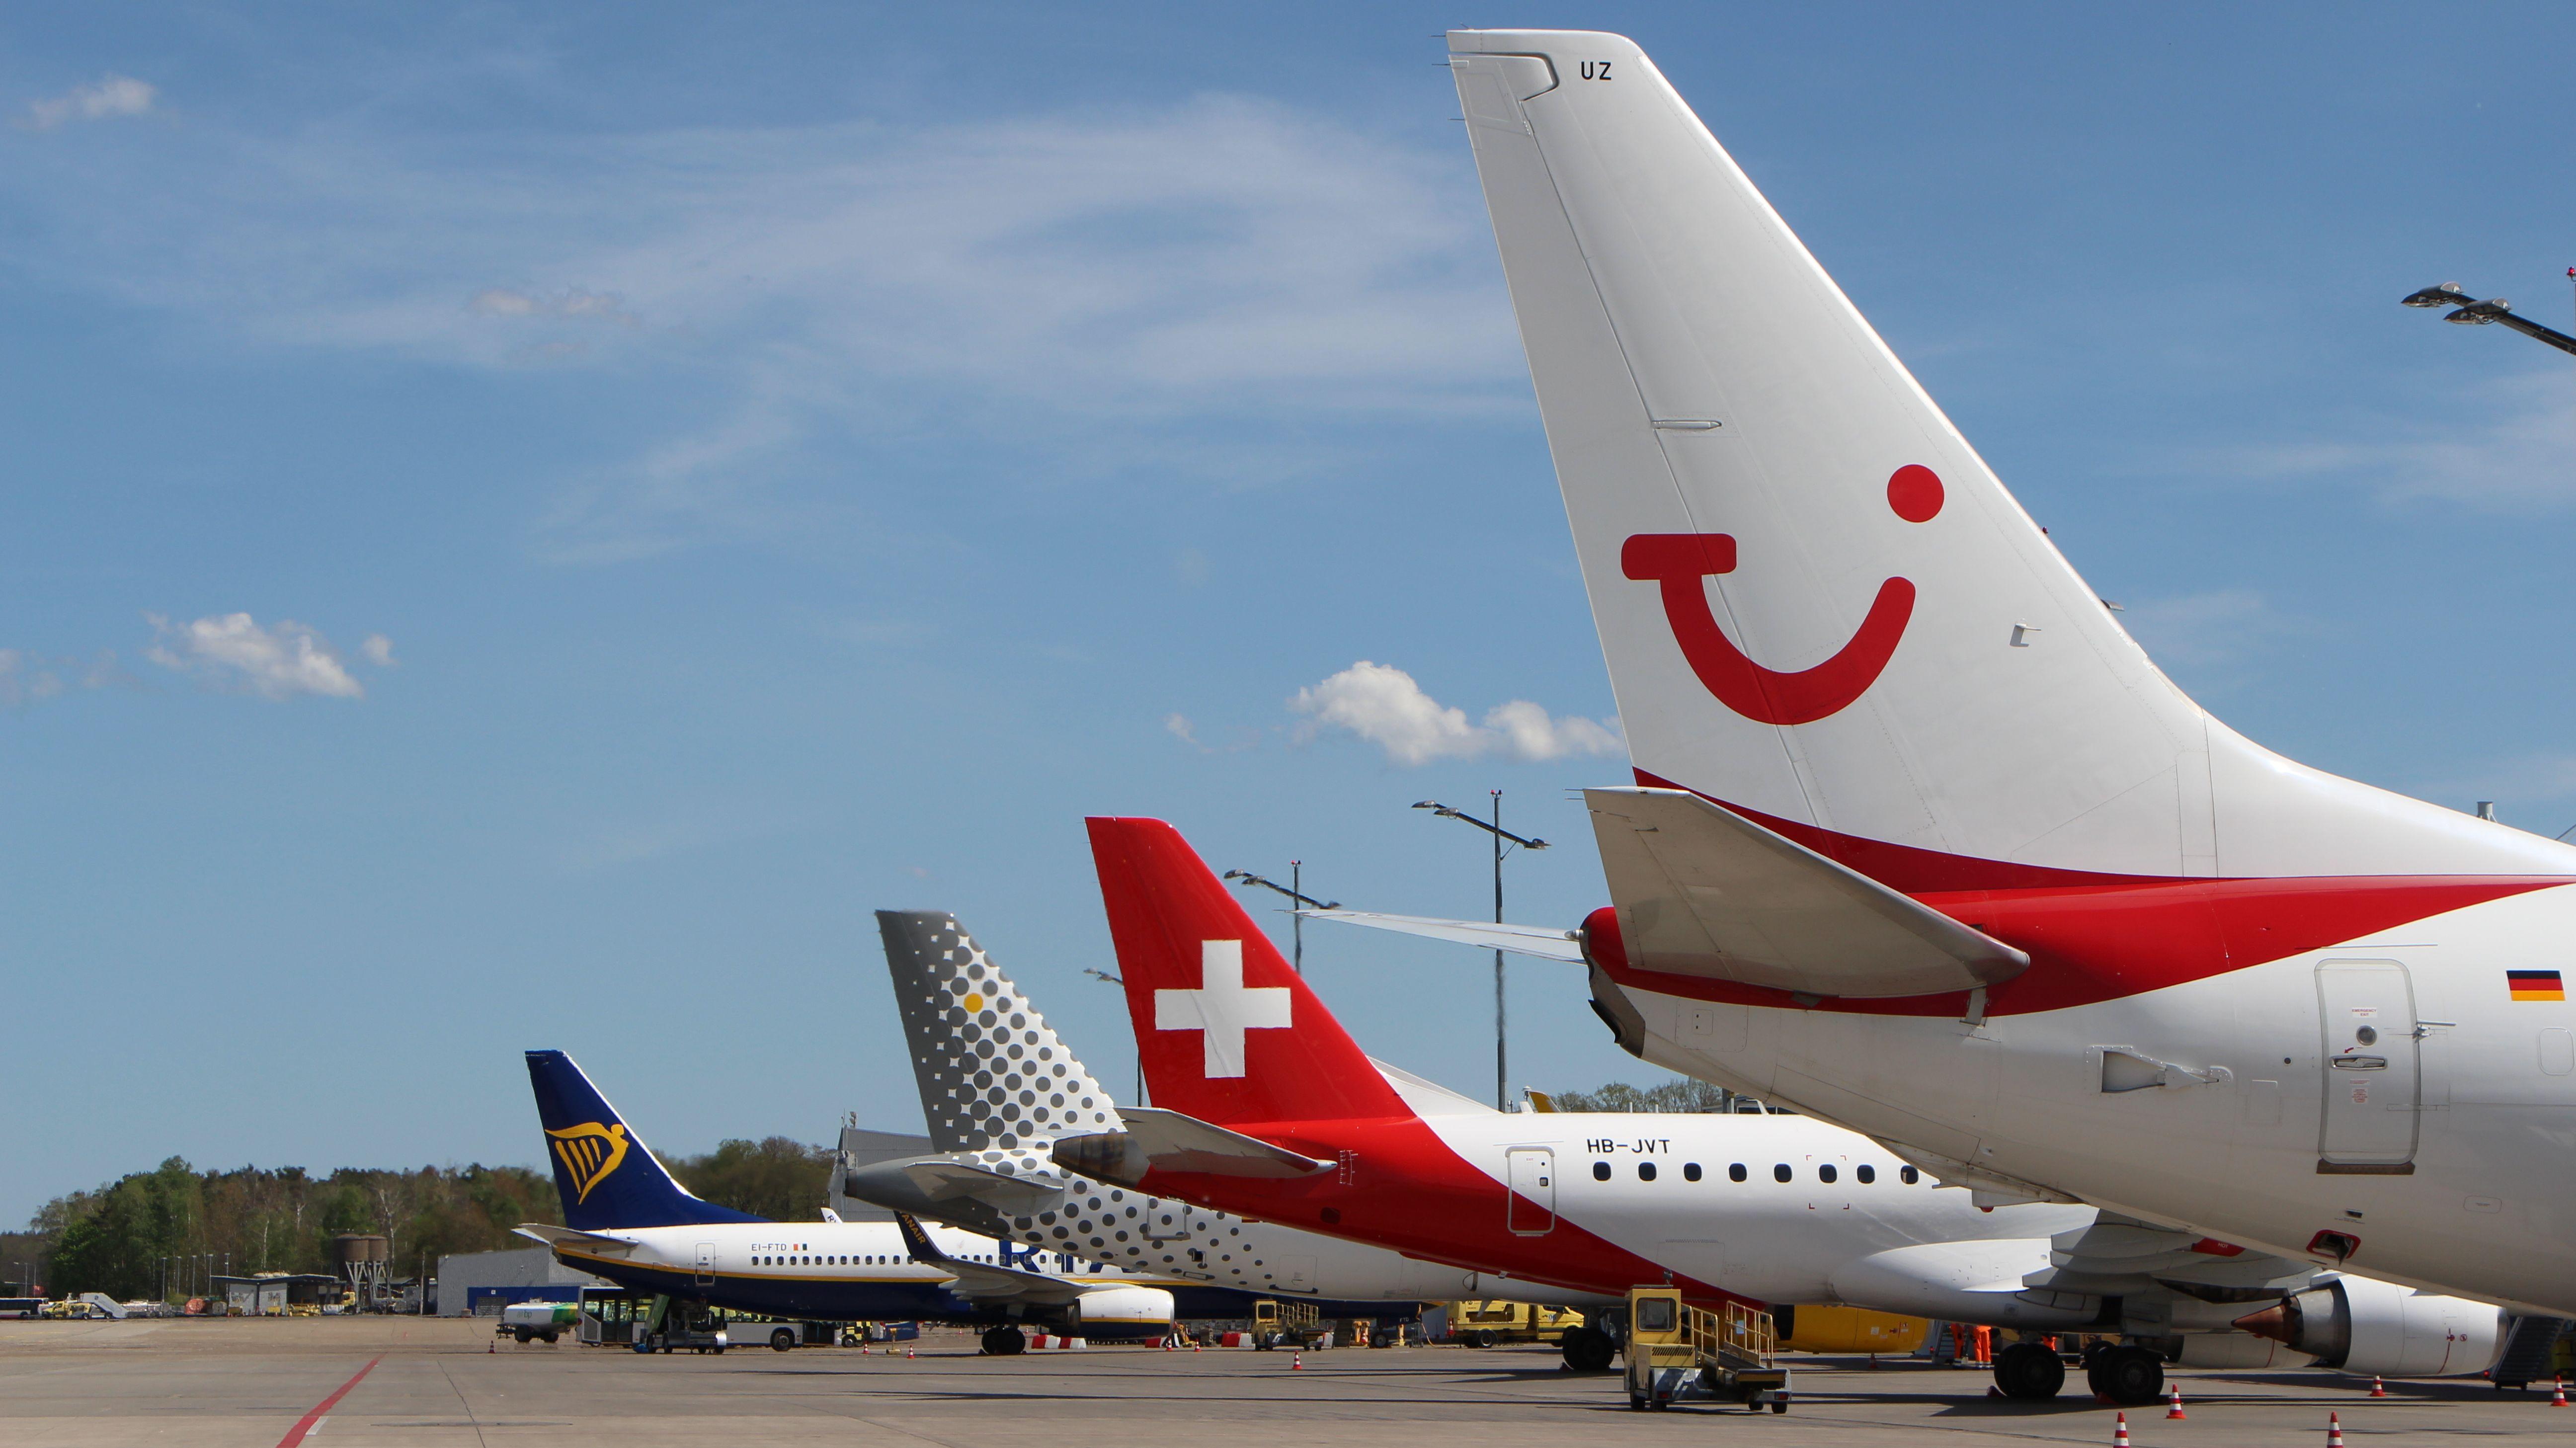 Flugzeuge am Airport Nürnberg